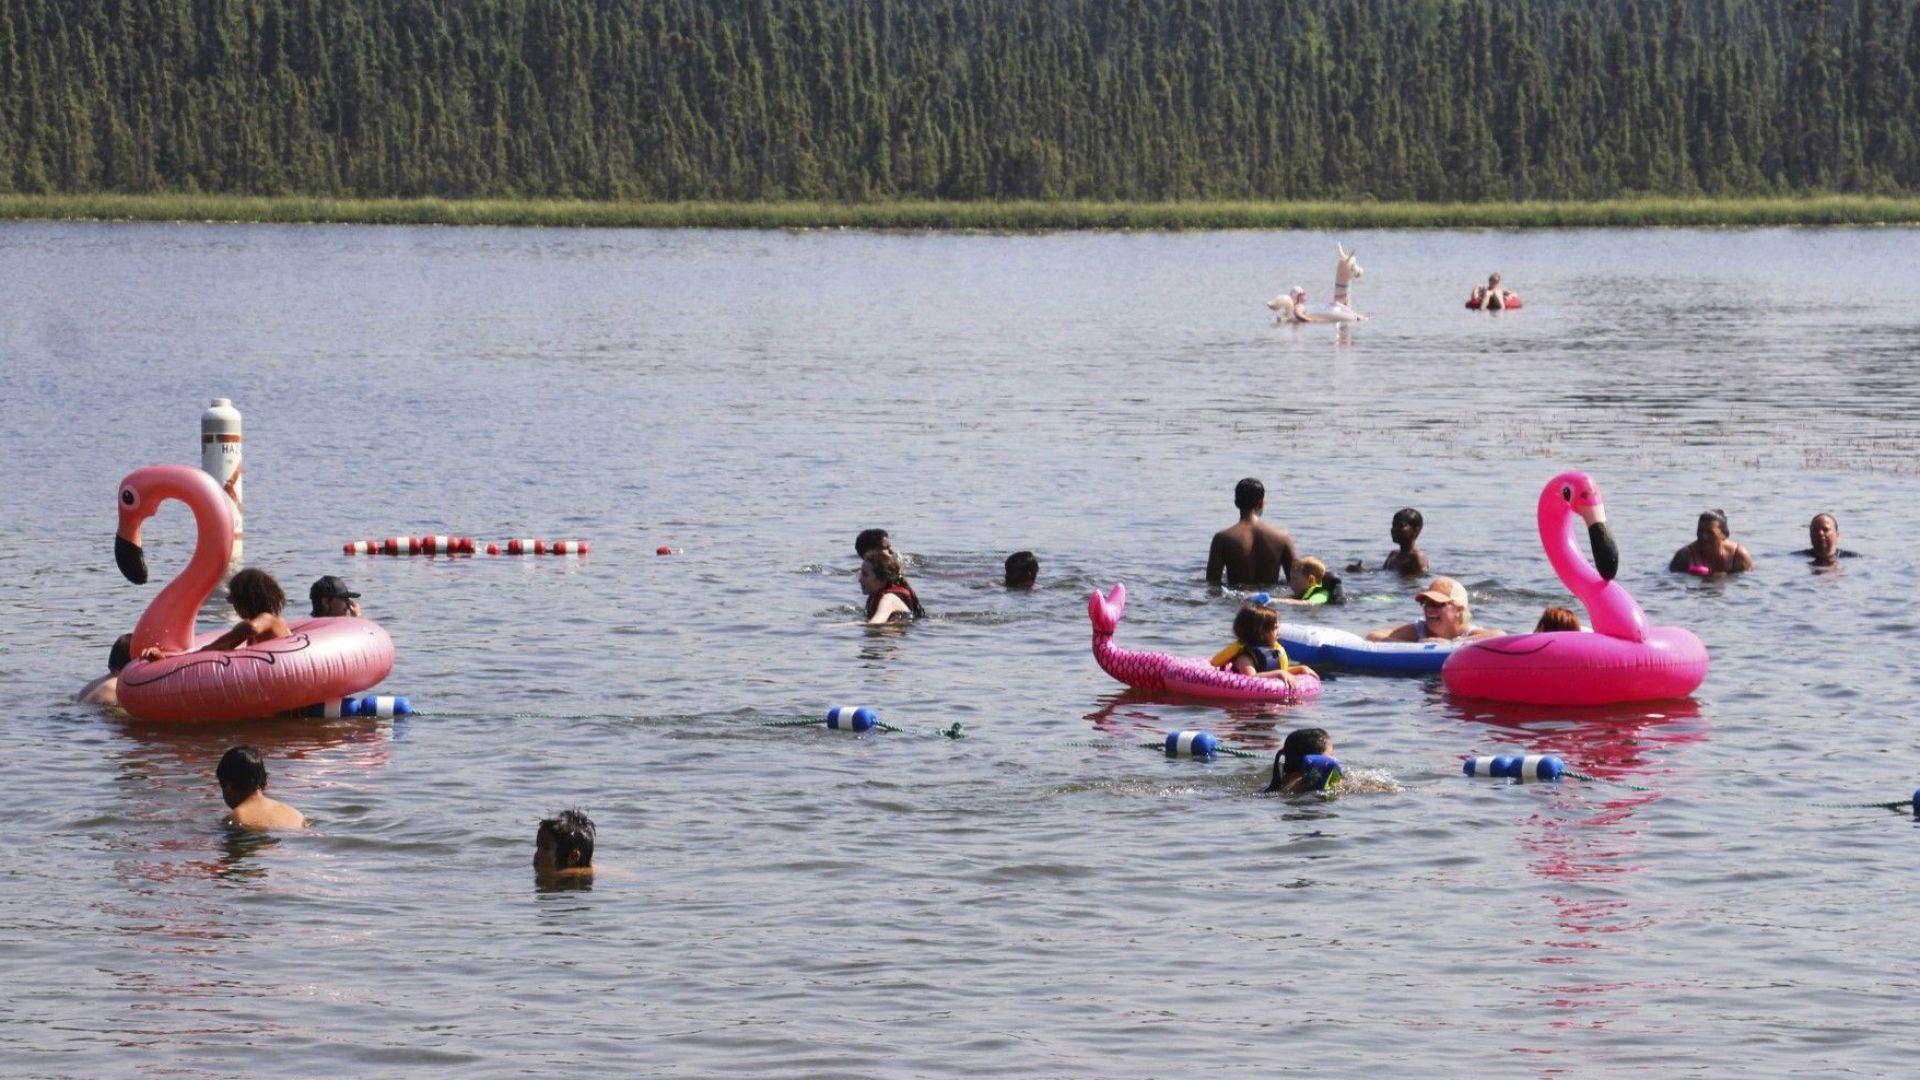 Исторически температурен рекорд в Аляска - над 32°, жега в Източна Канада - 40°